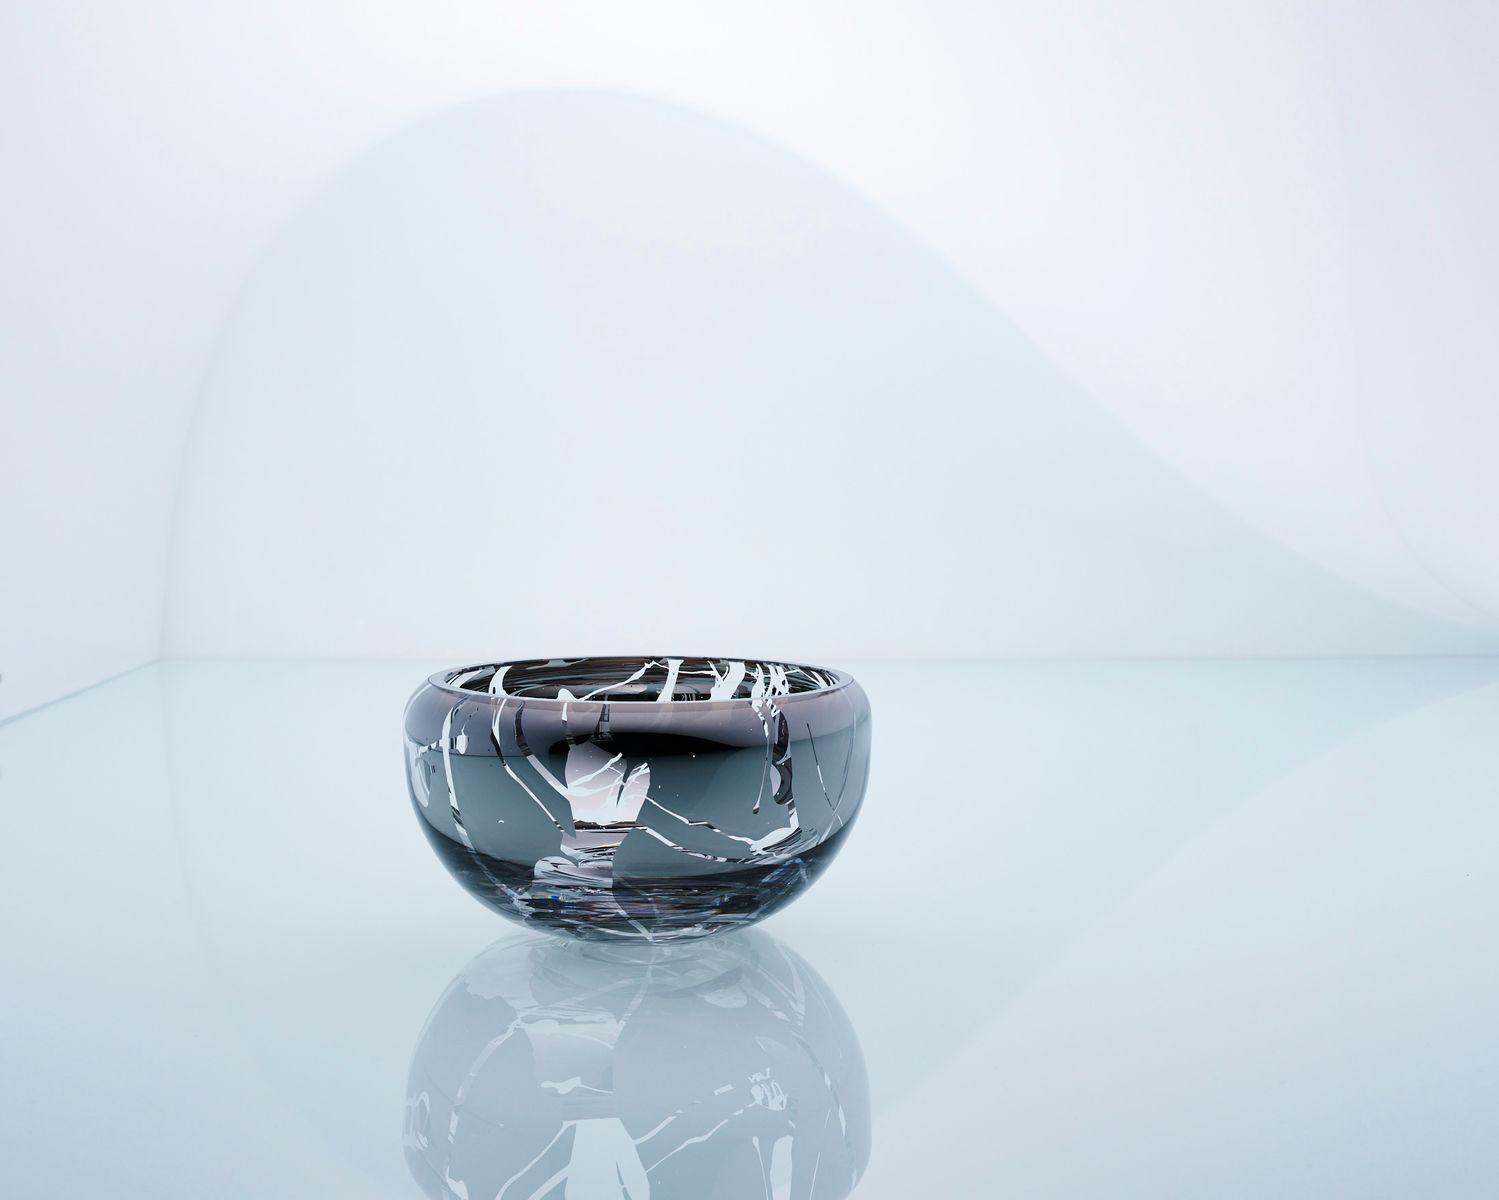 Kleine runde splashed deco spiegelschale von artis nimanis f r an angel bei pamono kaufen - Kleine runde spiegel ...